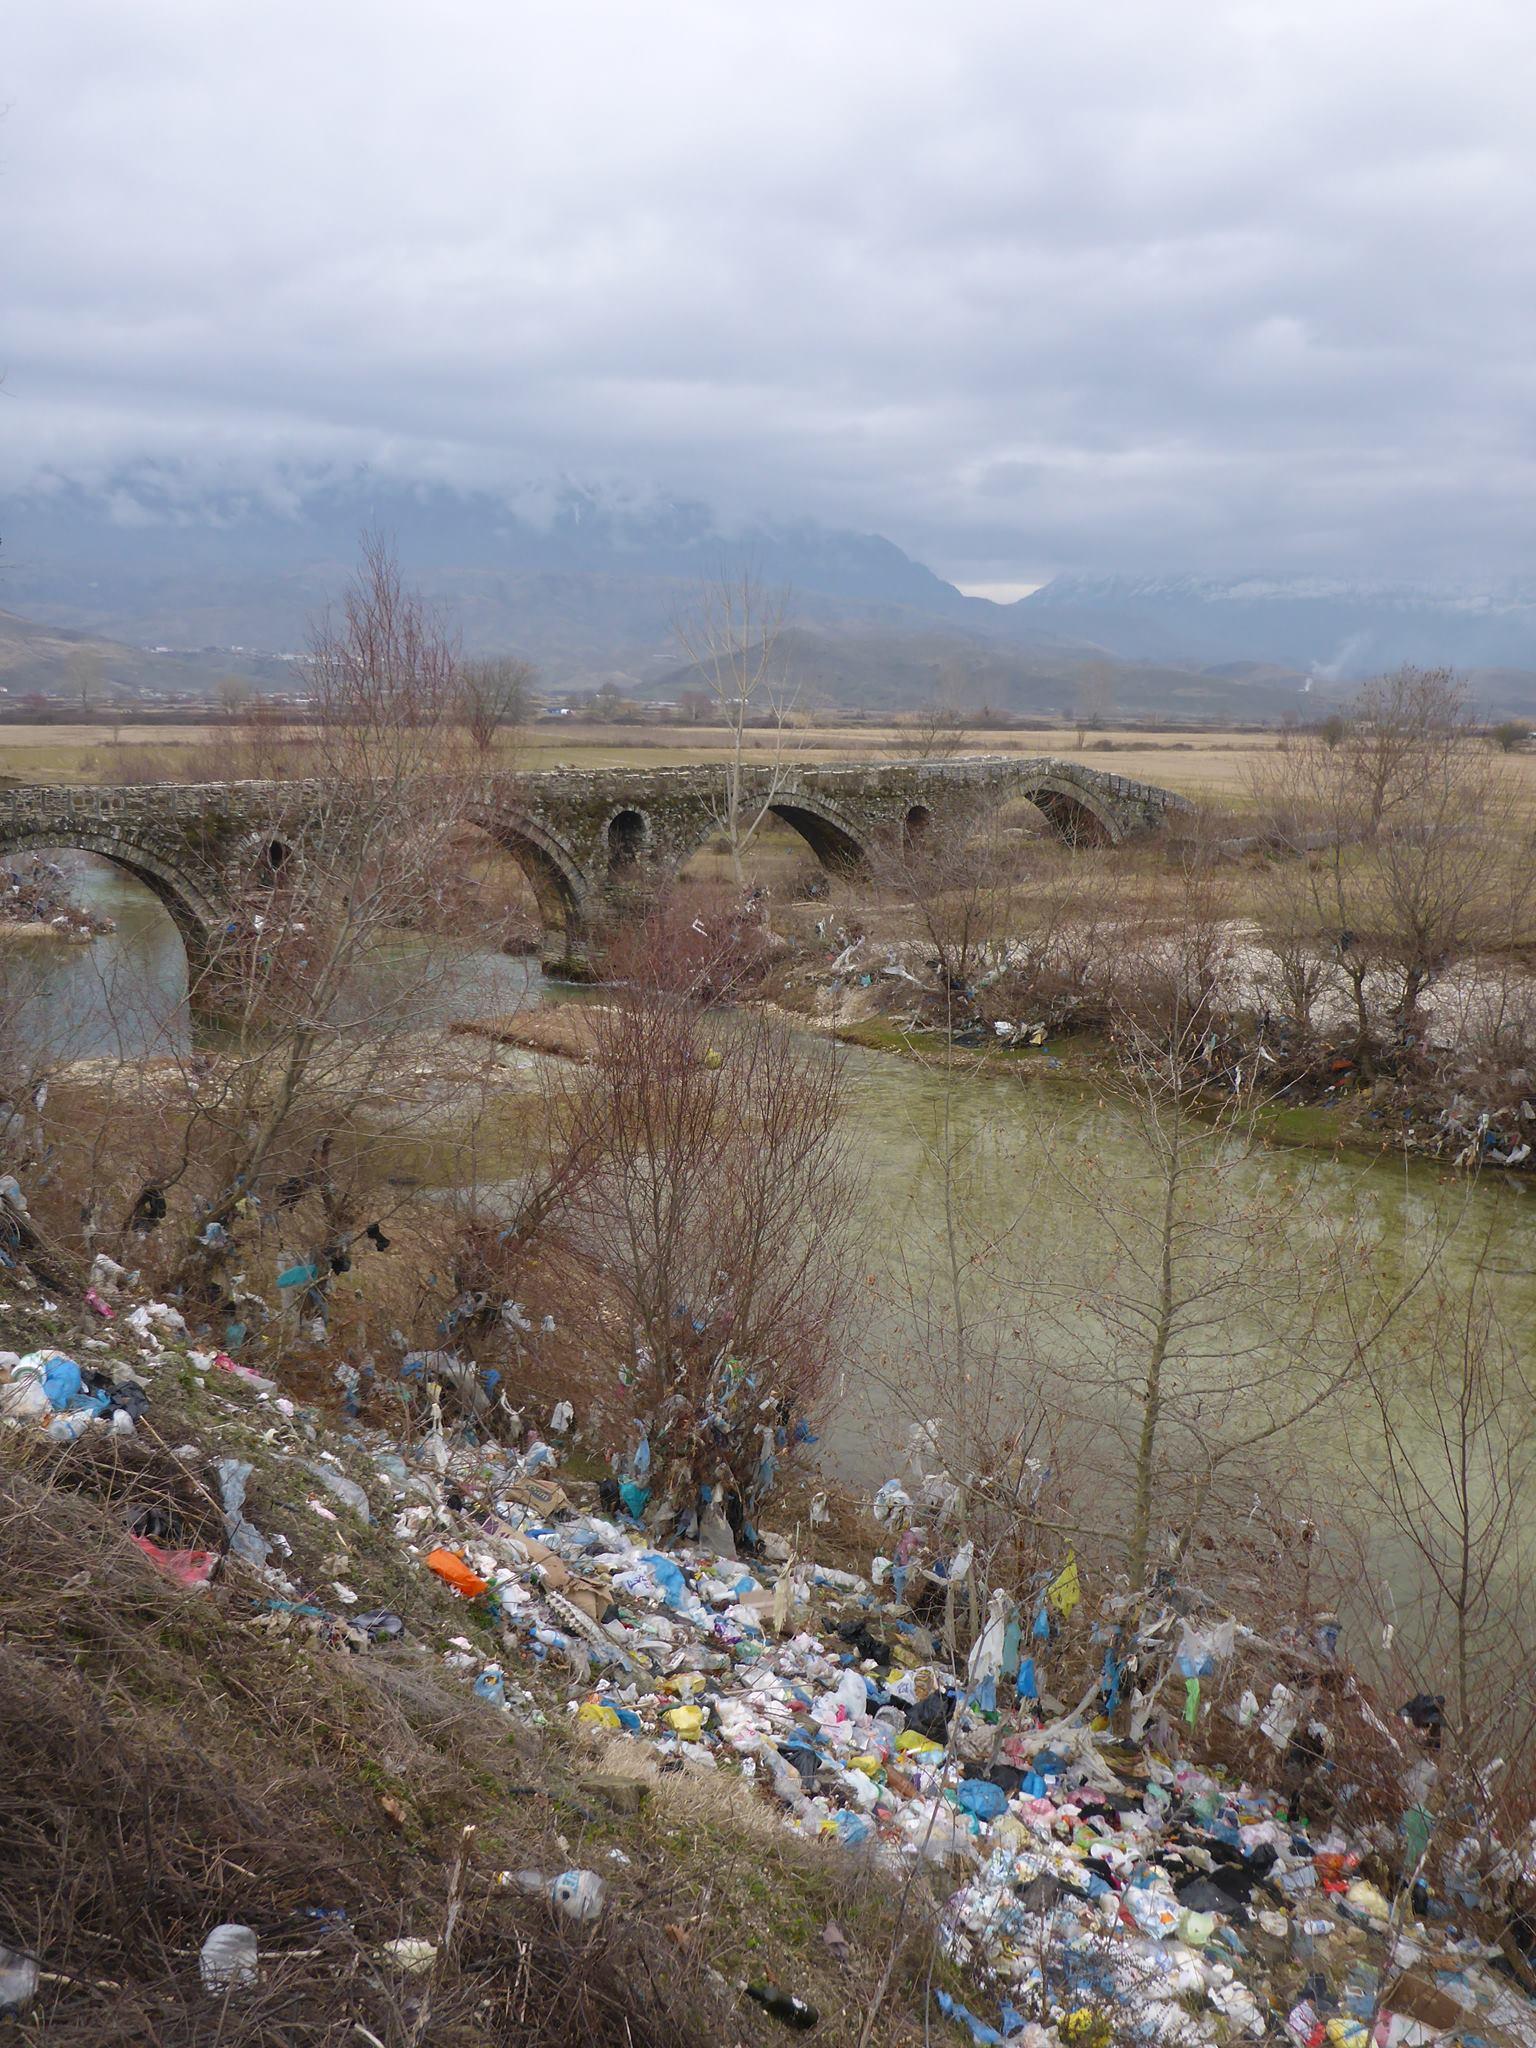 Dans les rivières, les bords de routes, les champs, les arbres, les villages, les détritus sont un peu de partout